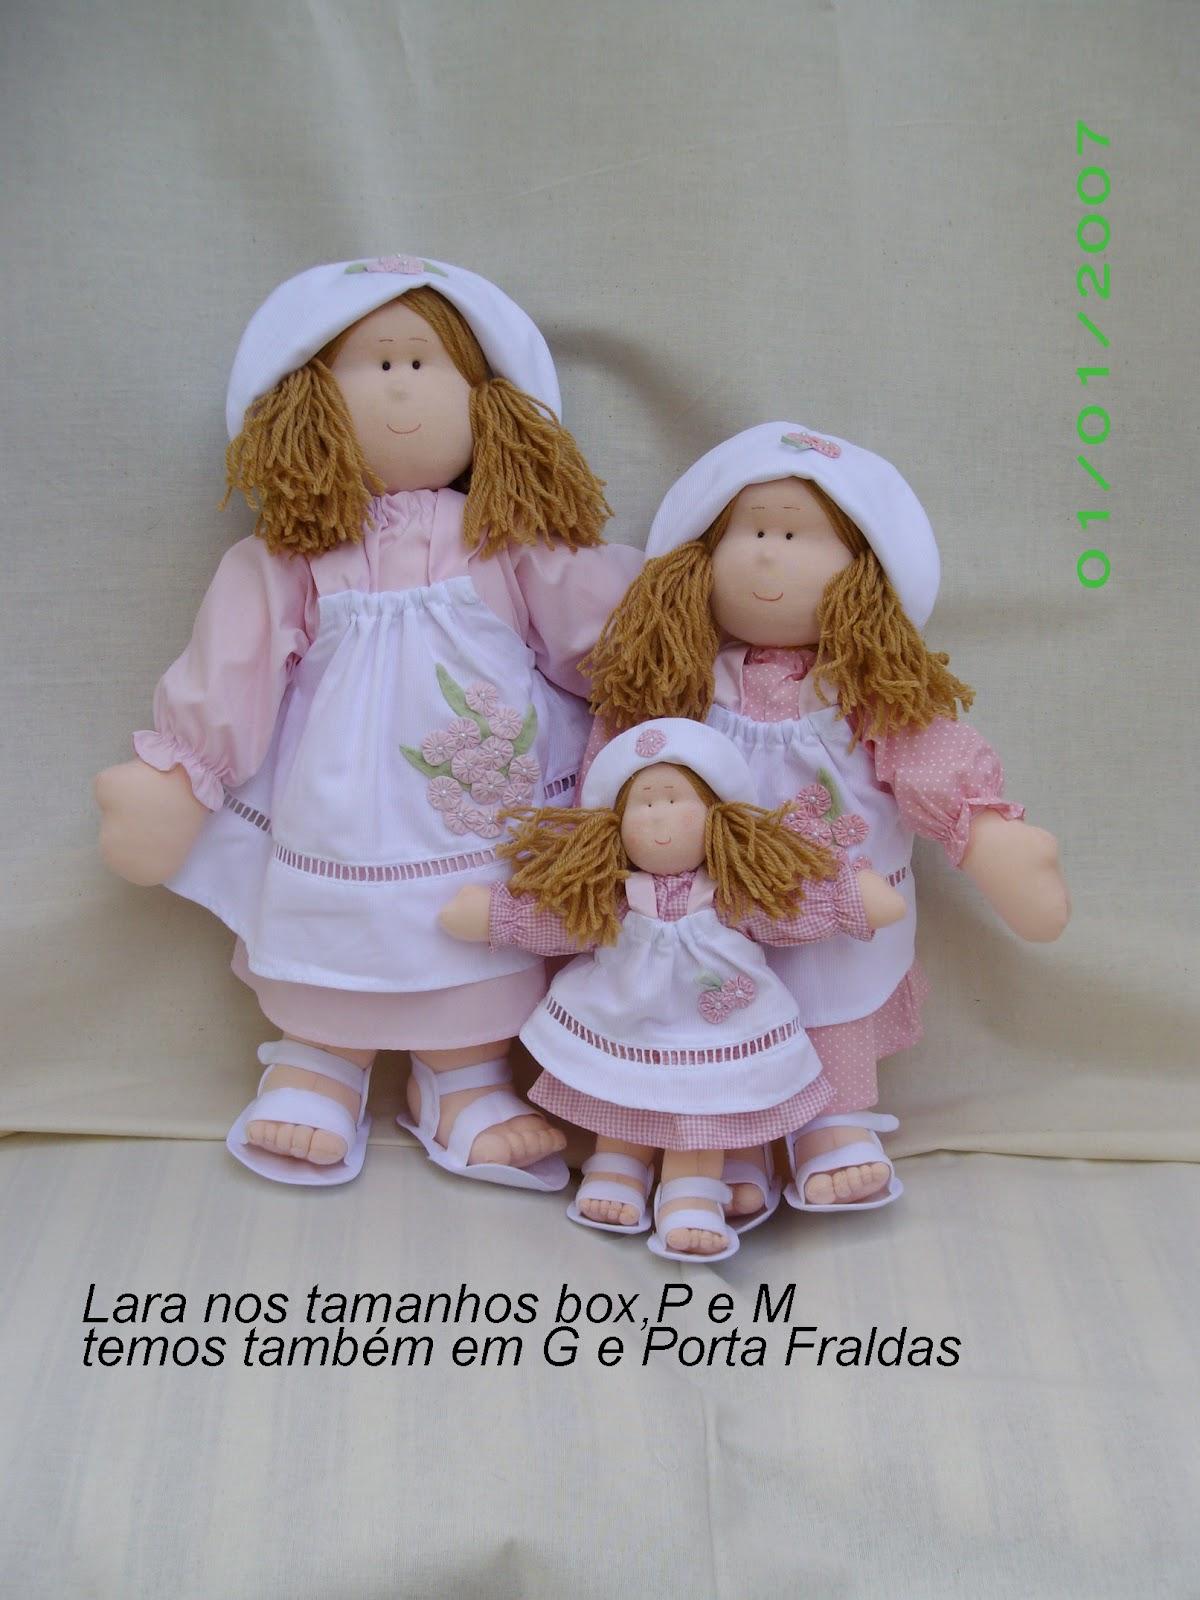 http://4.bp.blogspot.com/-82nQrNnJCTQ/T-TfXIVIkYI/AAAAAAAAAUQ/Y0-WOO4Ugl0/s1600/Lara+Pp+P+e+M.jpg